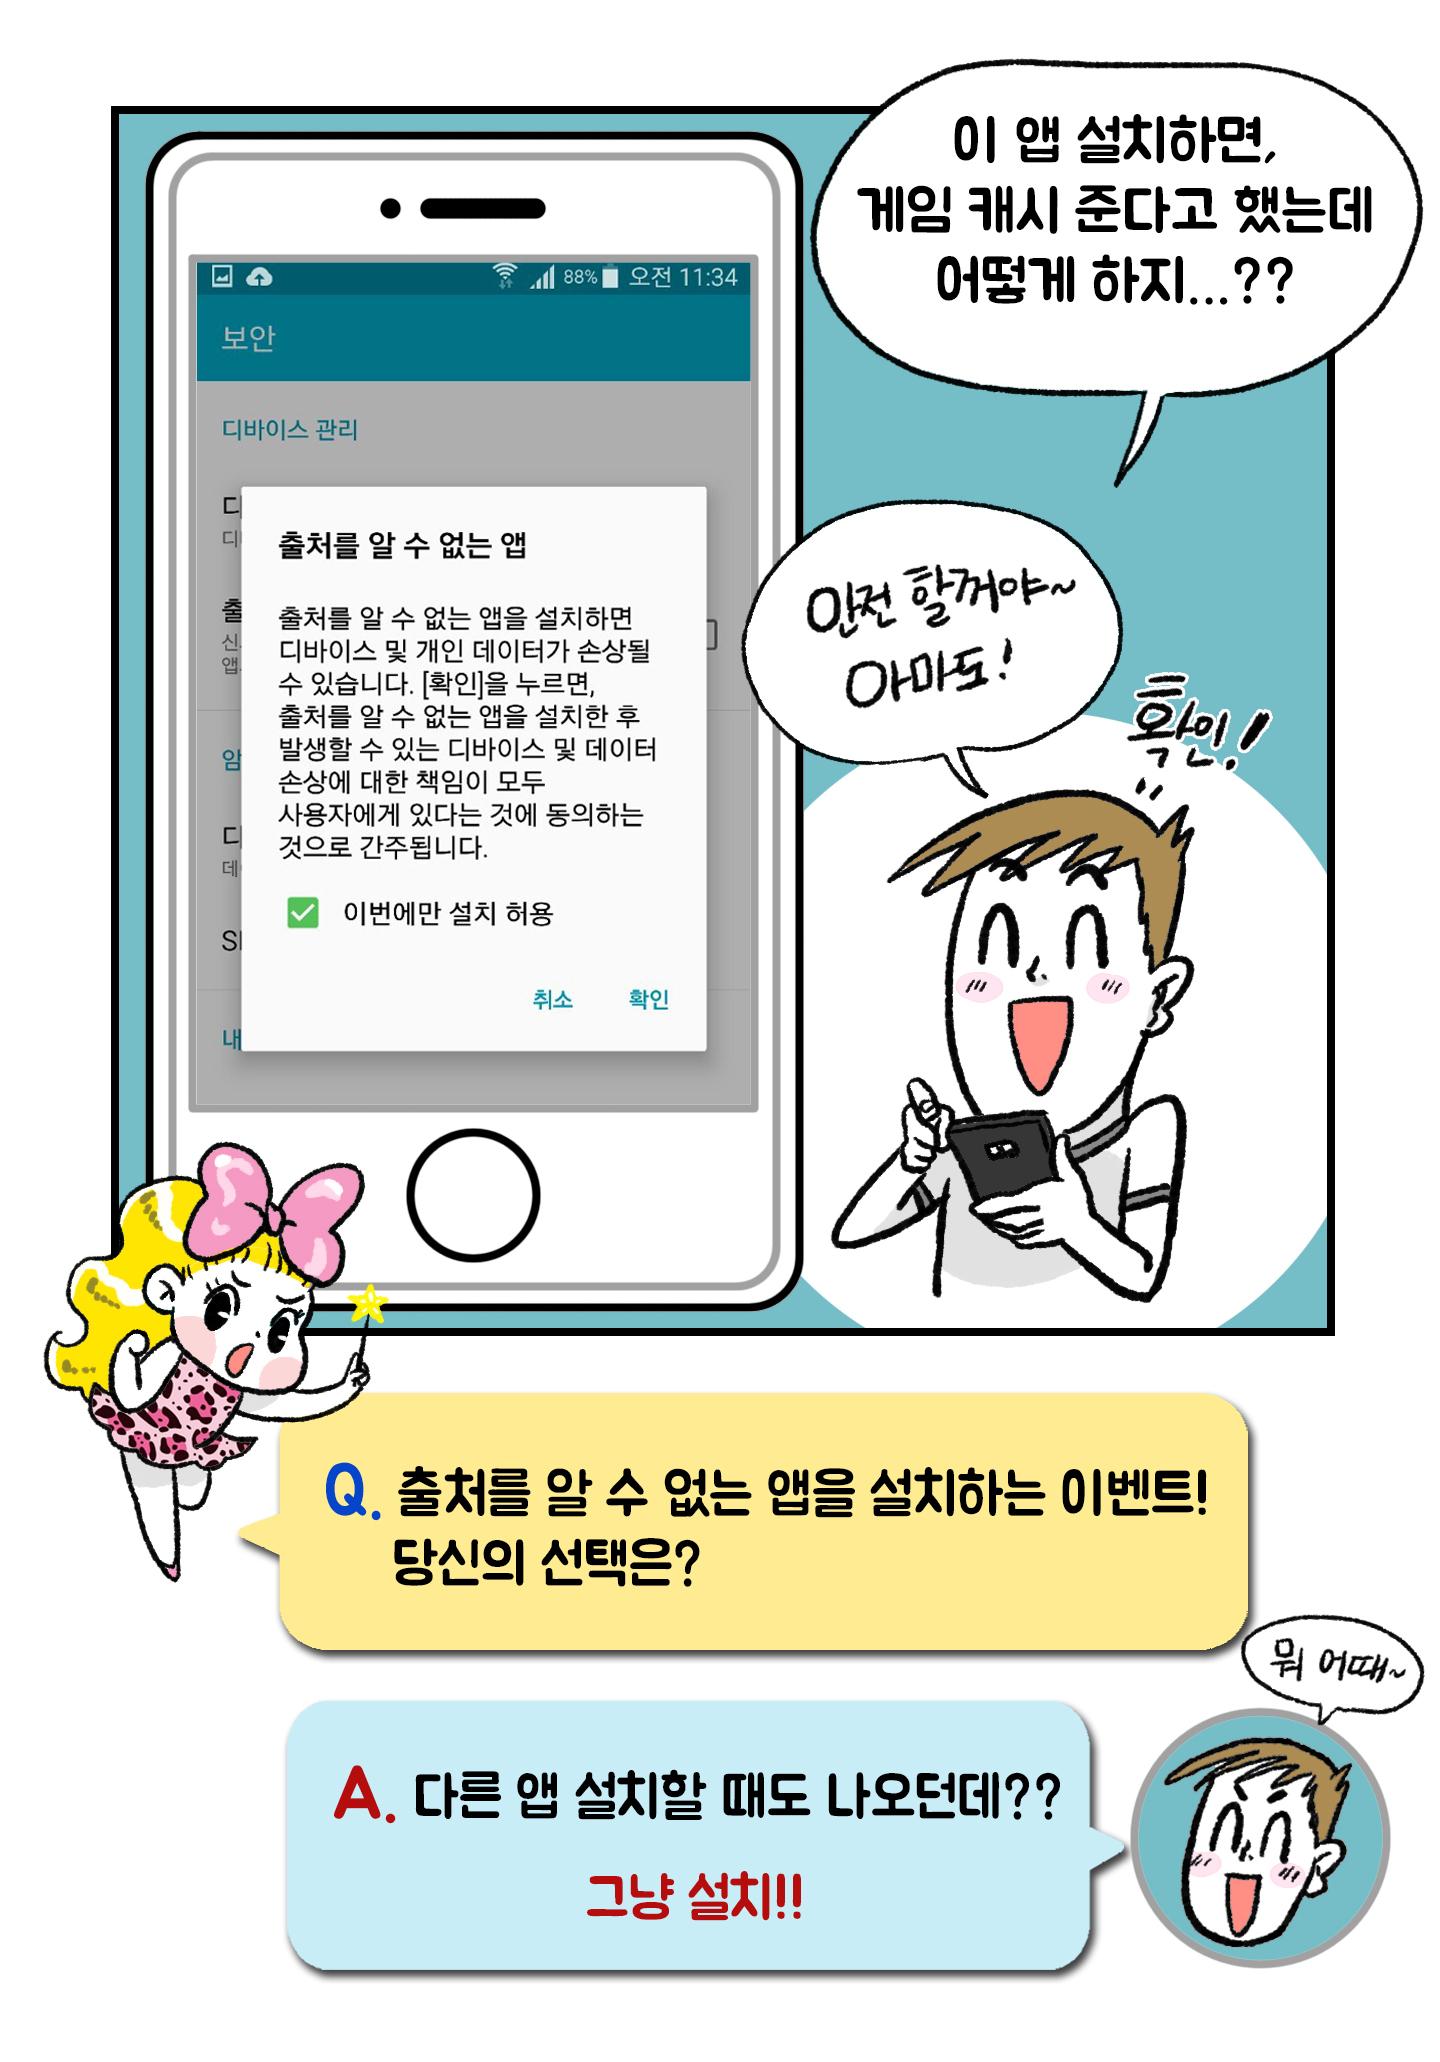 04화-스마트폰-스마트하게-사용하기(최종)_03